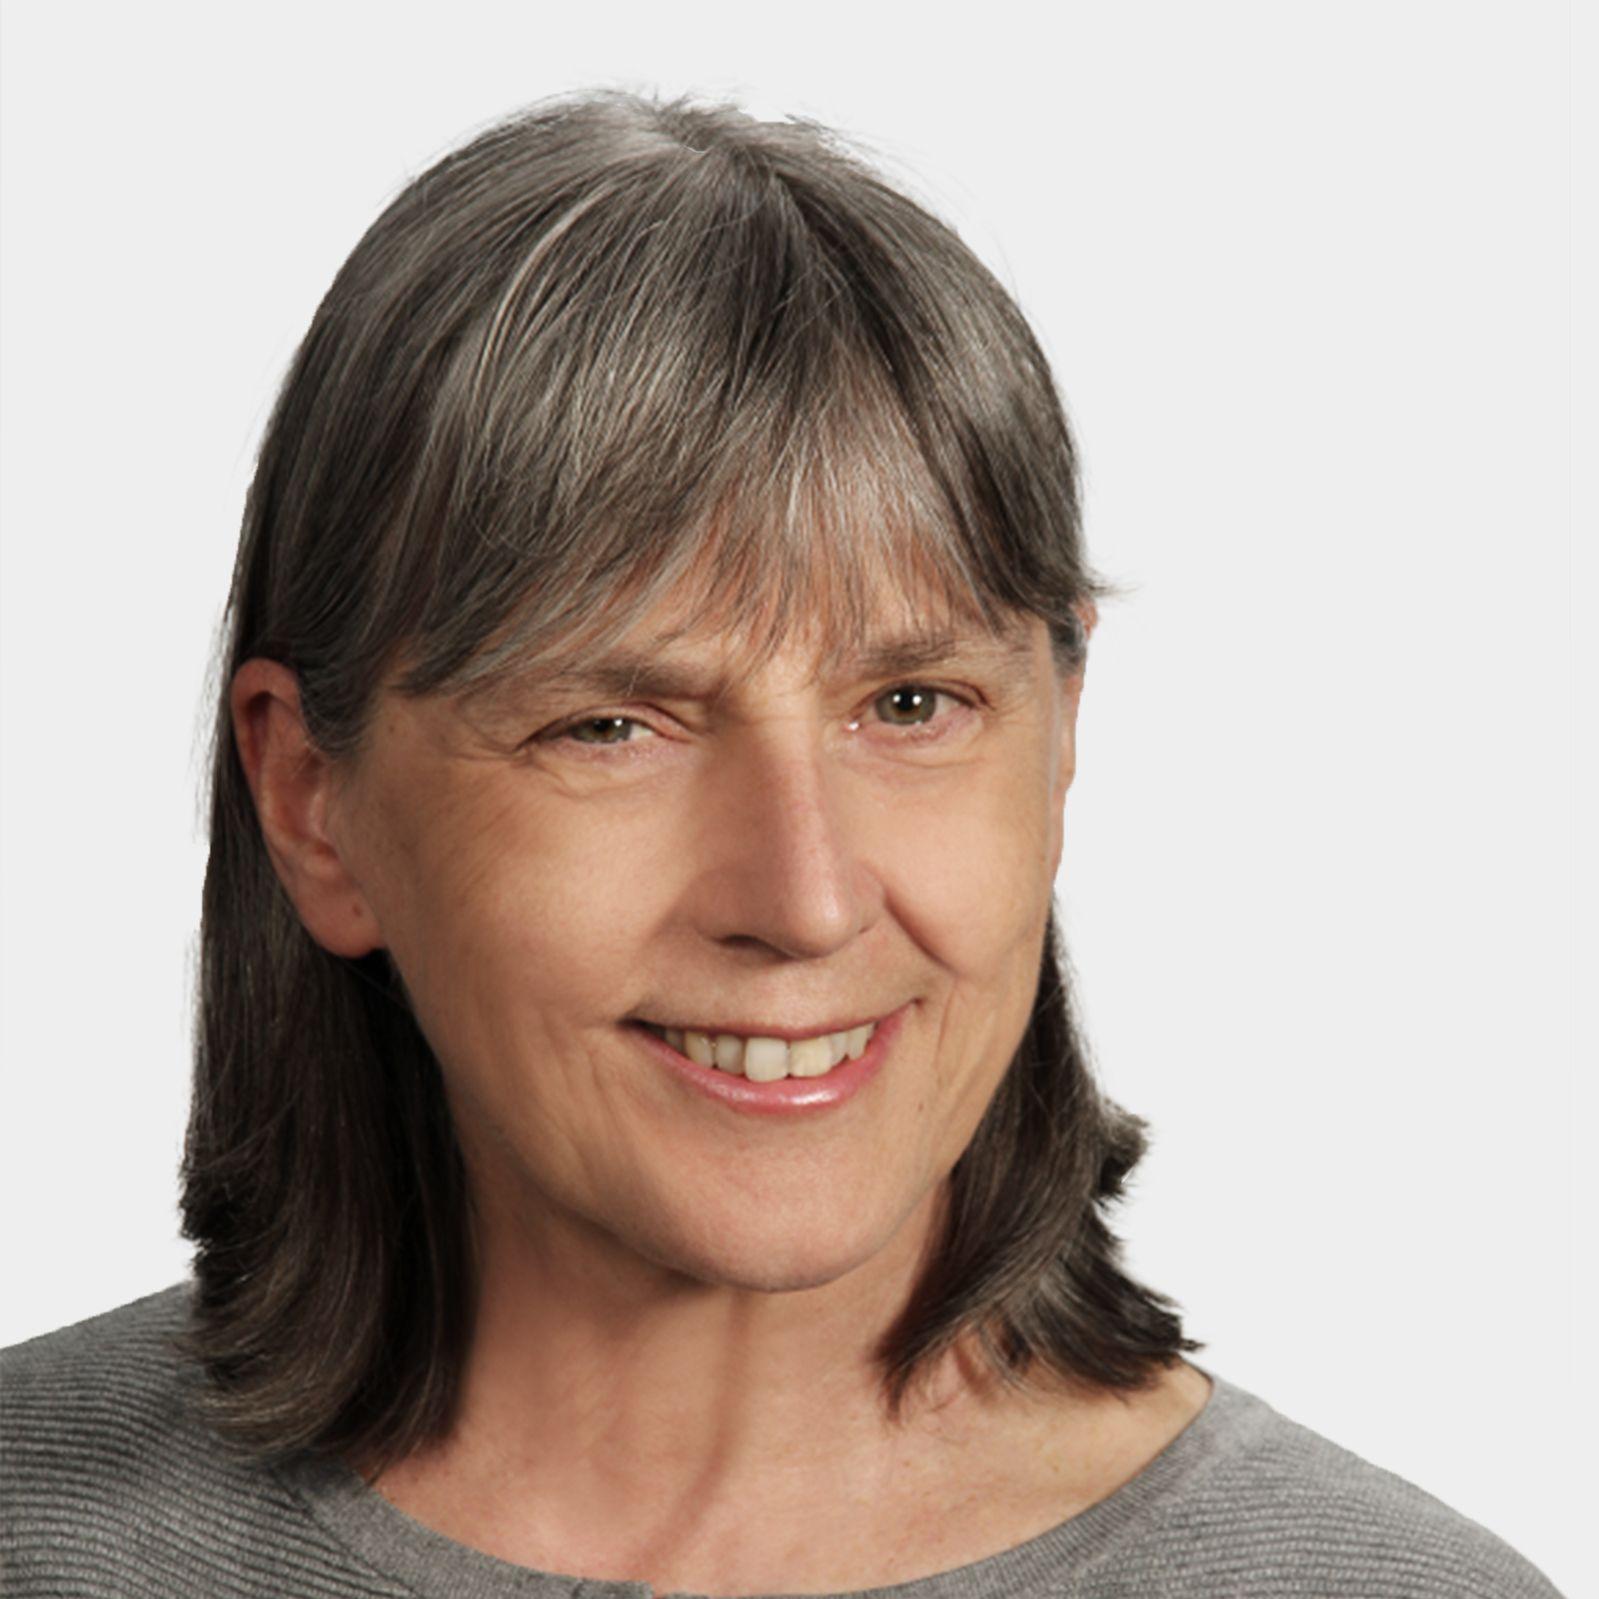 Jak radzić sobie z lękiem przed koronawirusem? - dr Ewa Pragłowska i Joanna Gutral